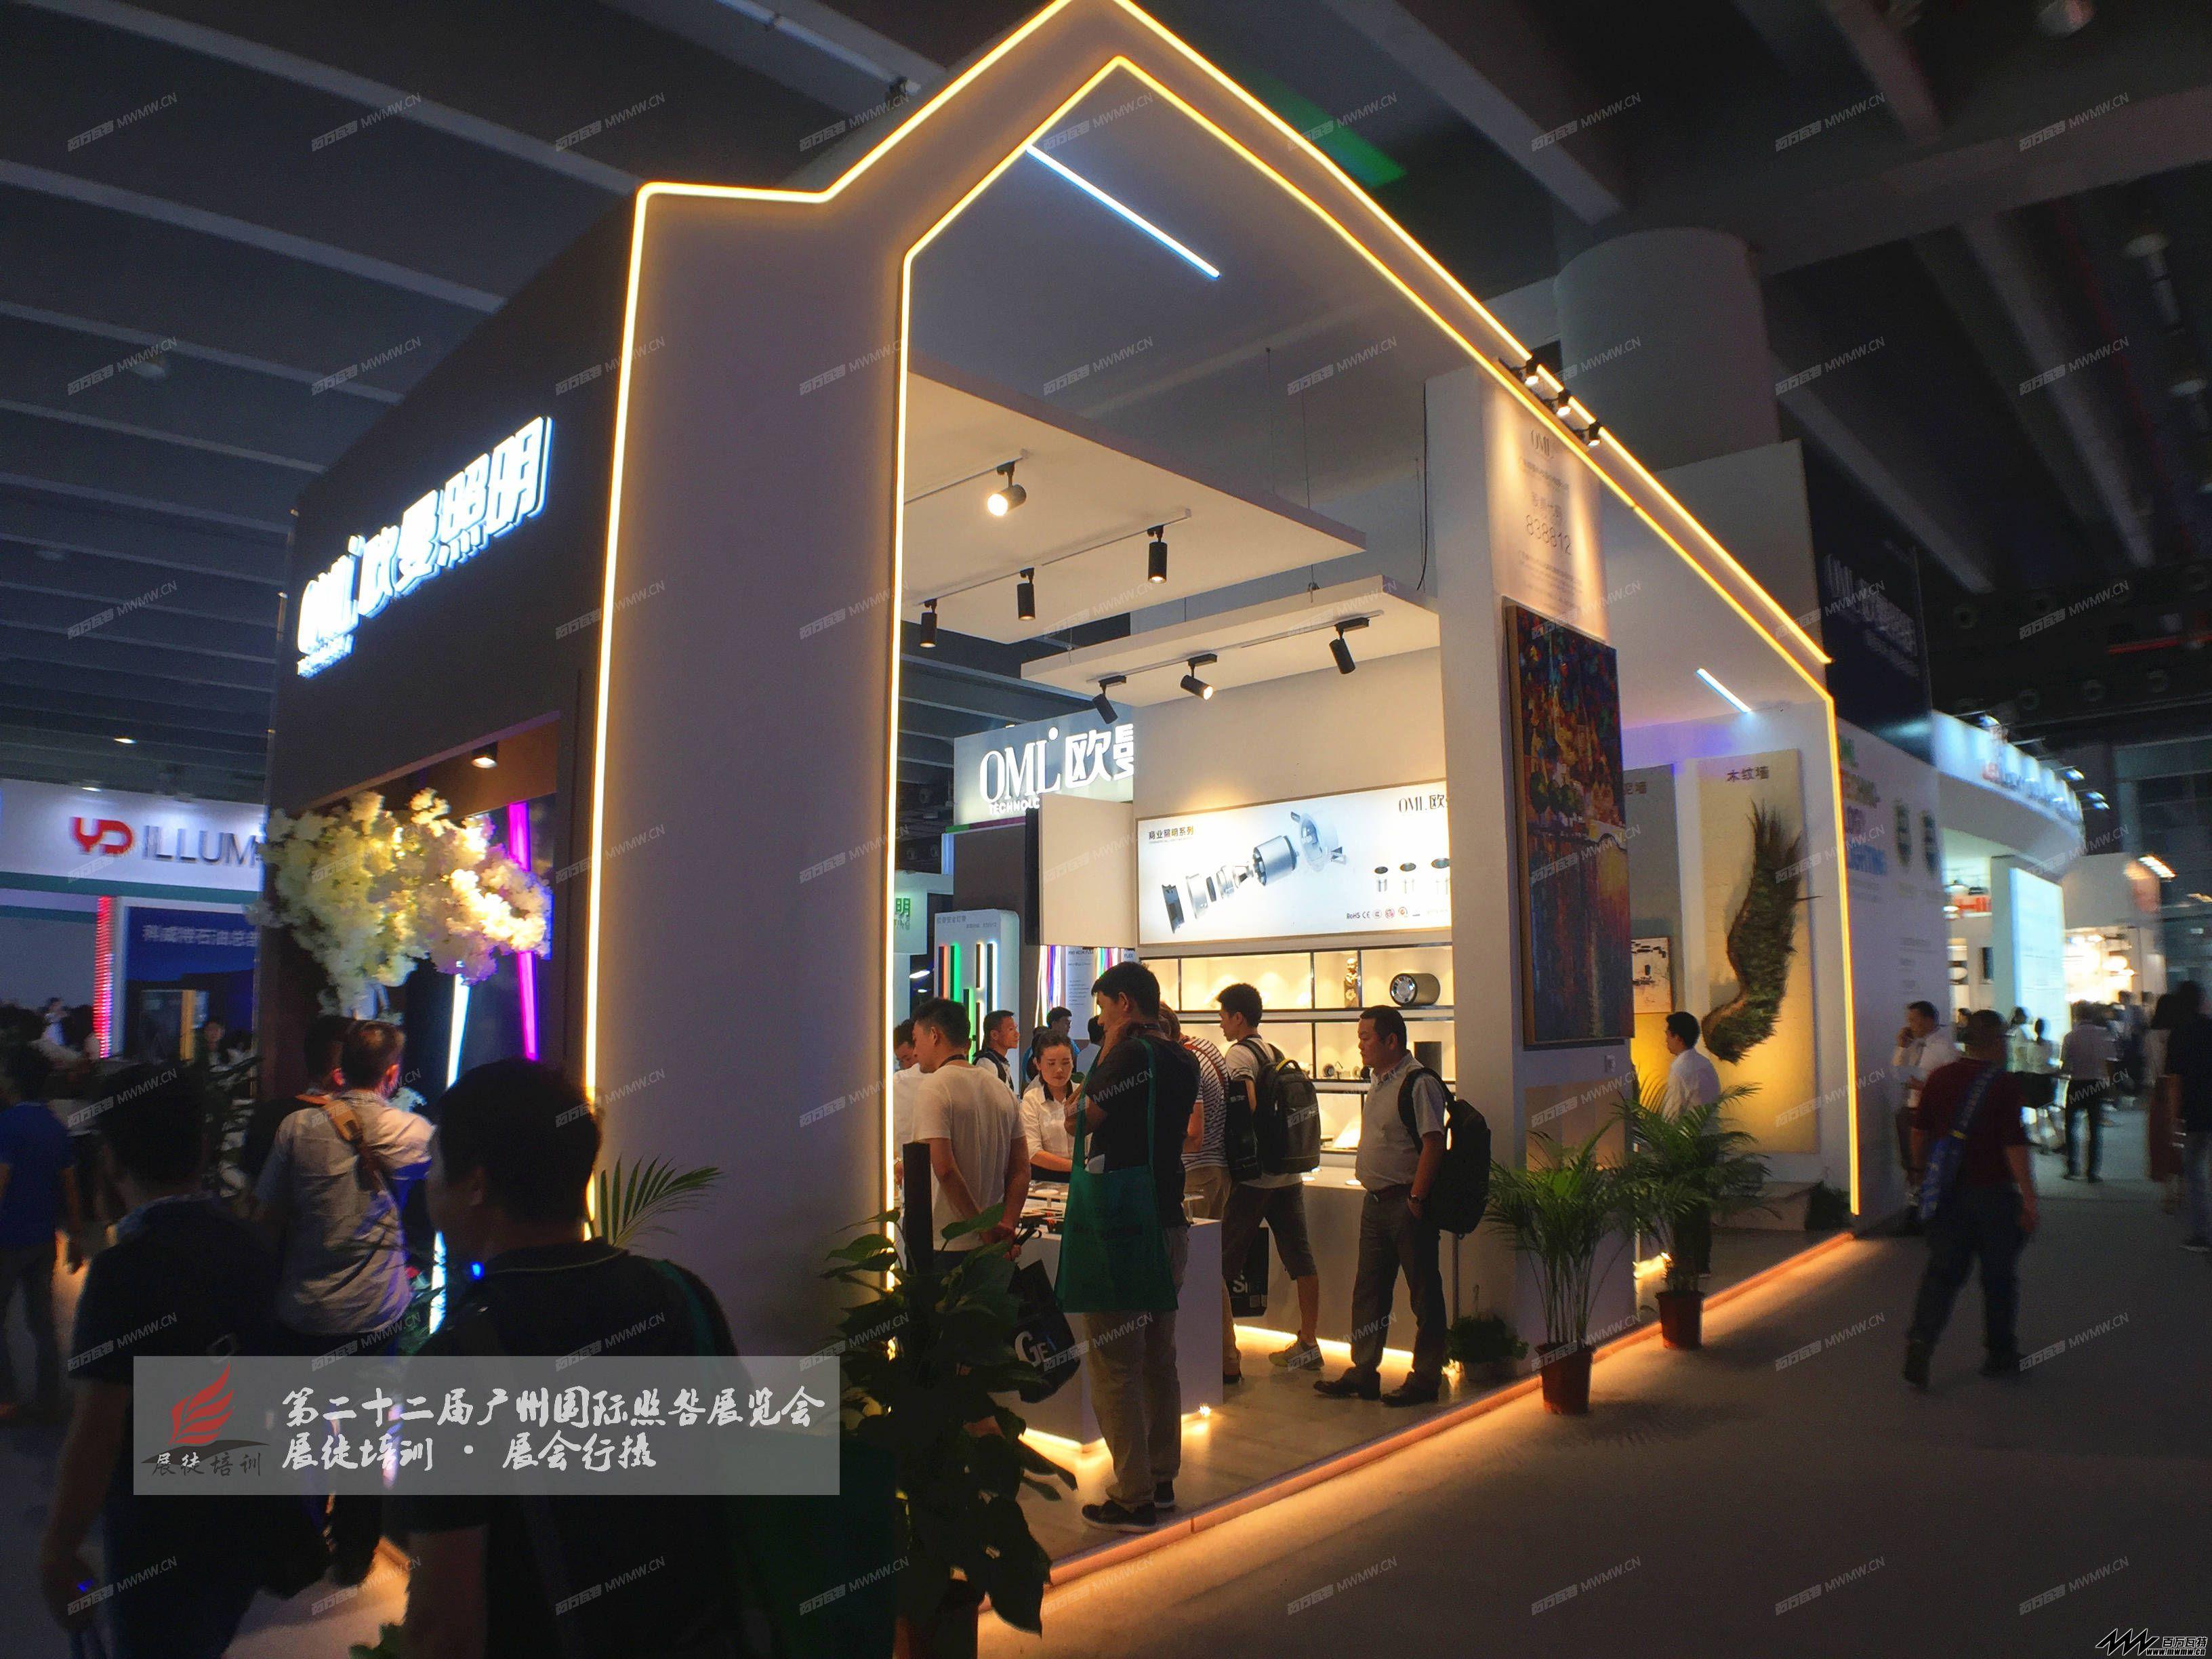 第二十二届广州国际照明展览会-展徒培训·展会行摄 (95).jpg